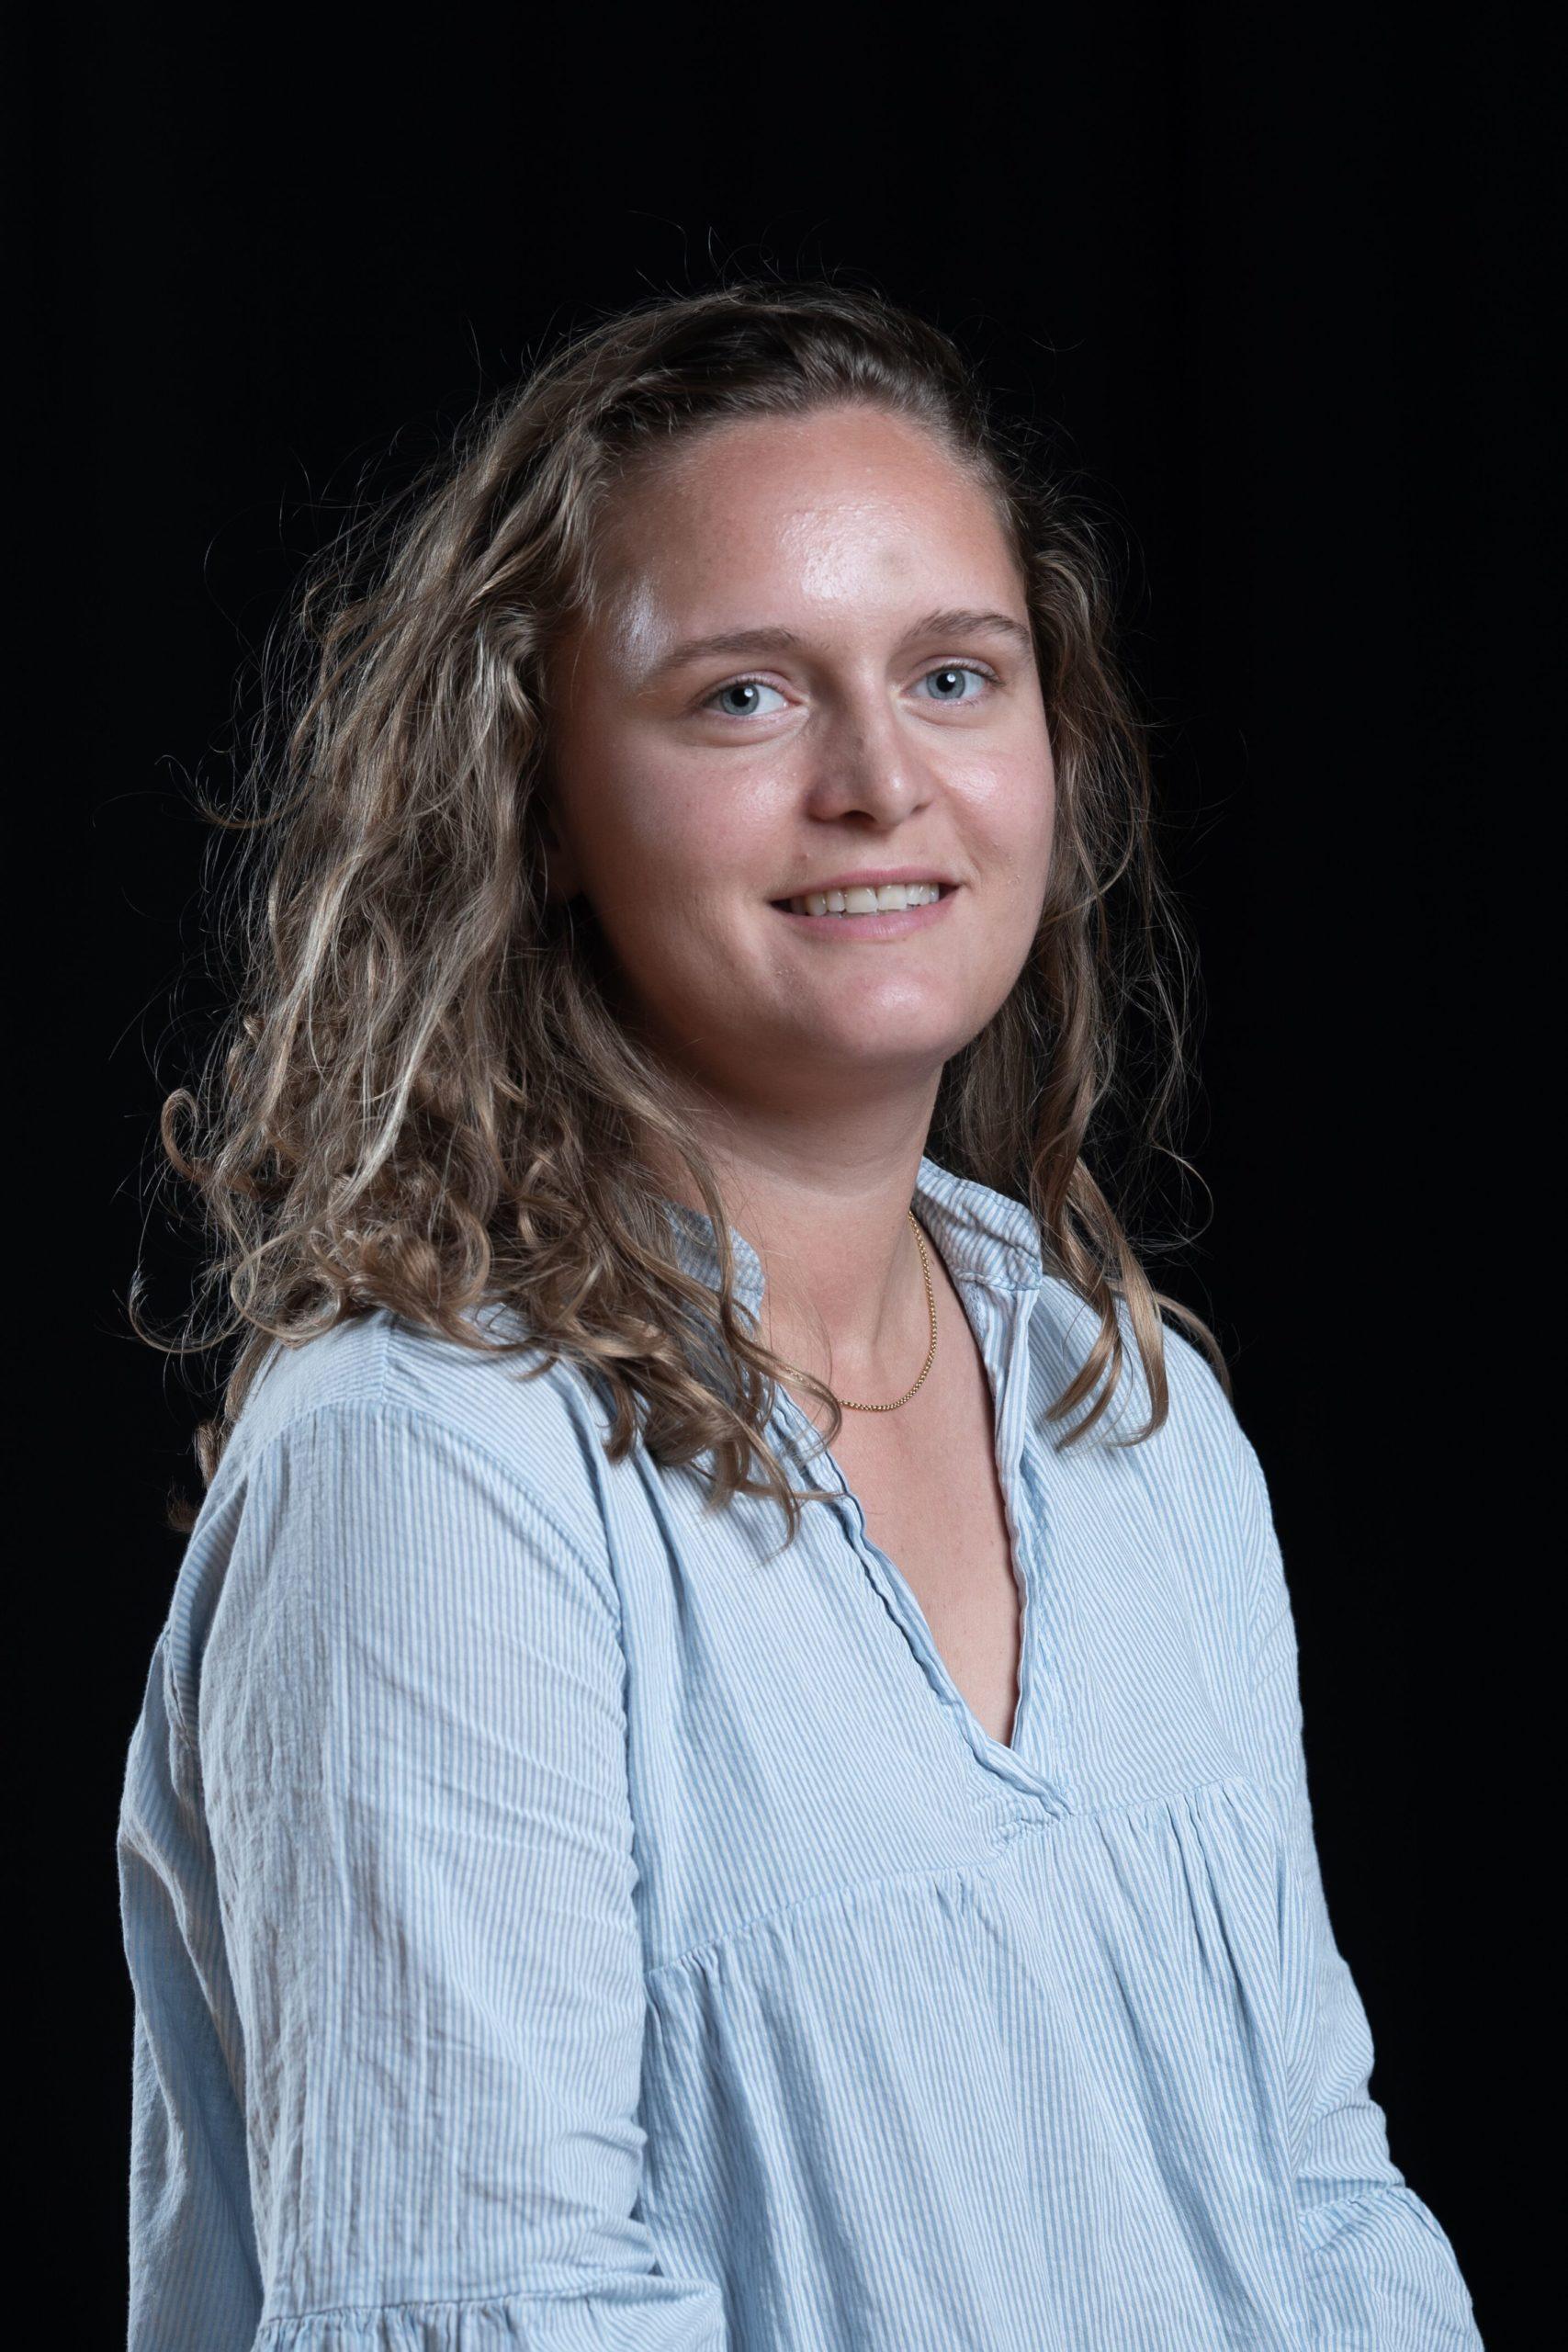 Mathilde Kjerkegaard Kristensen